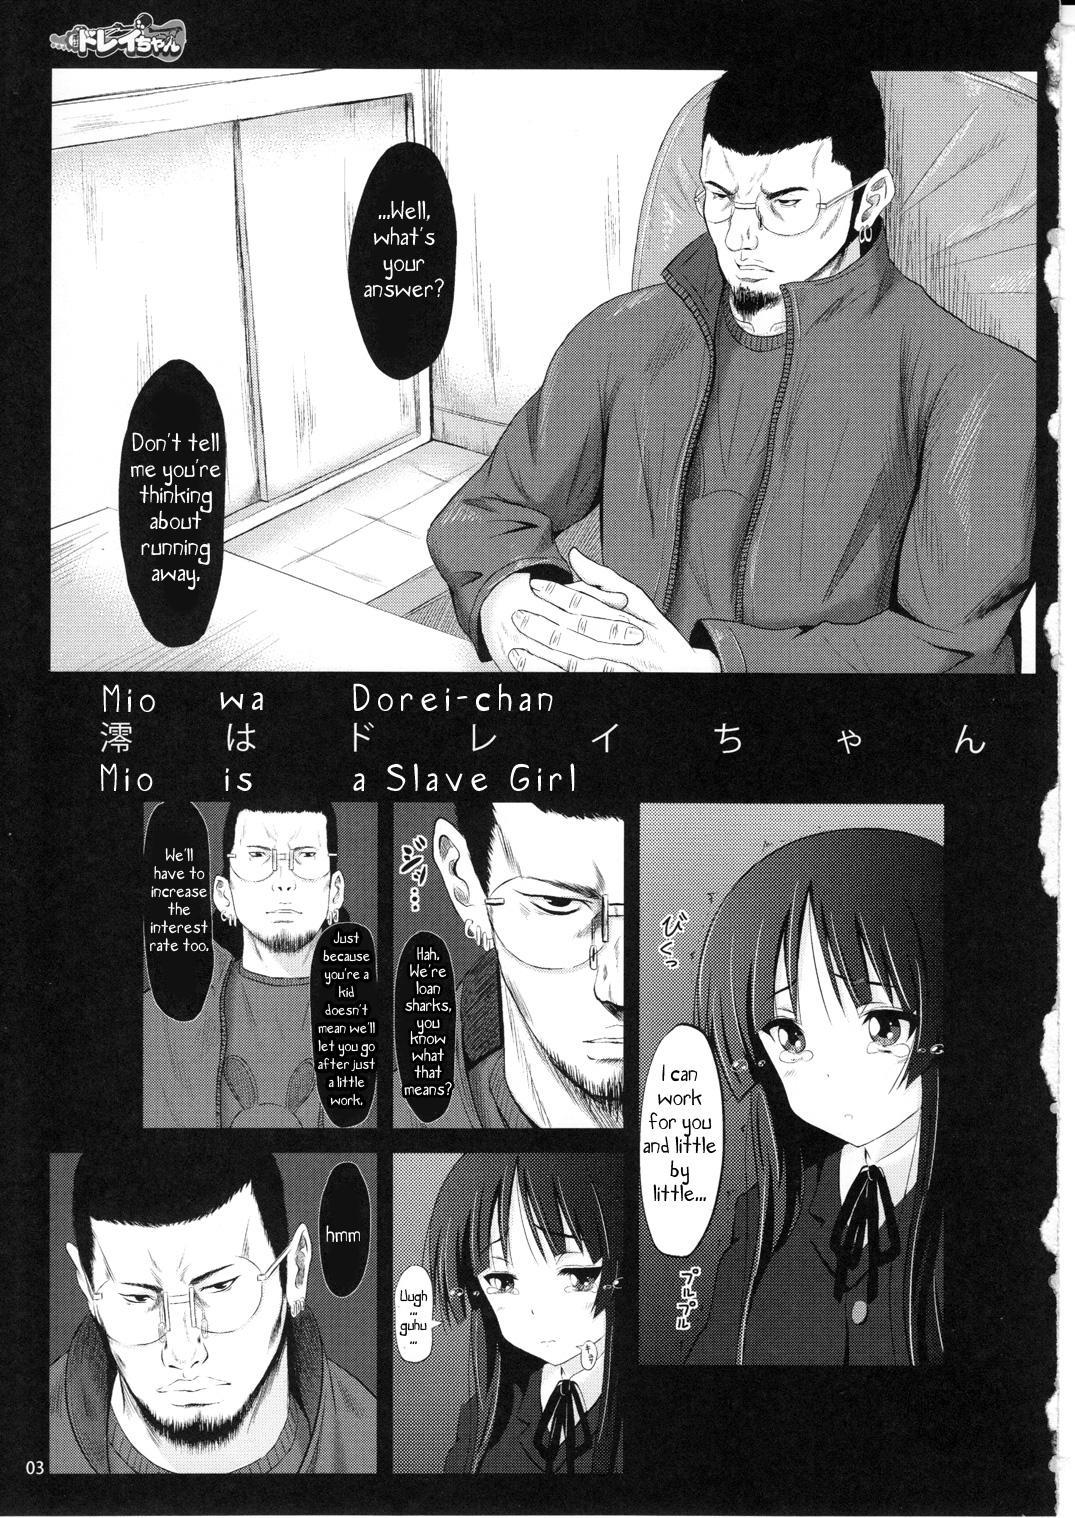 Mio wa Dorei-chan 1